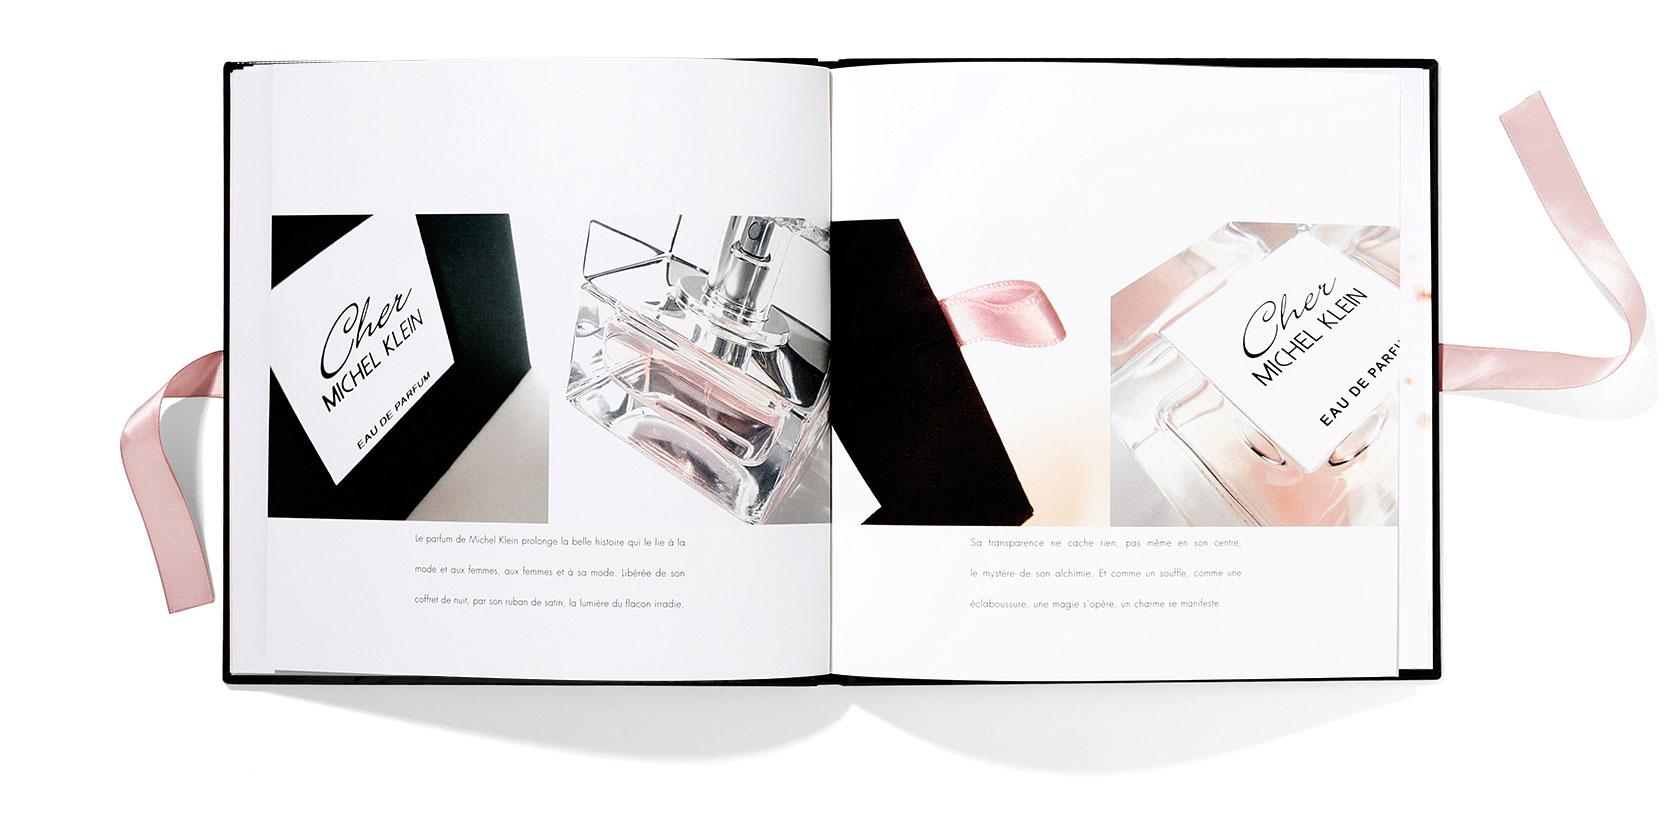 Michel-Klein-6-cadre-opti-eleve-copie